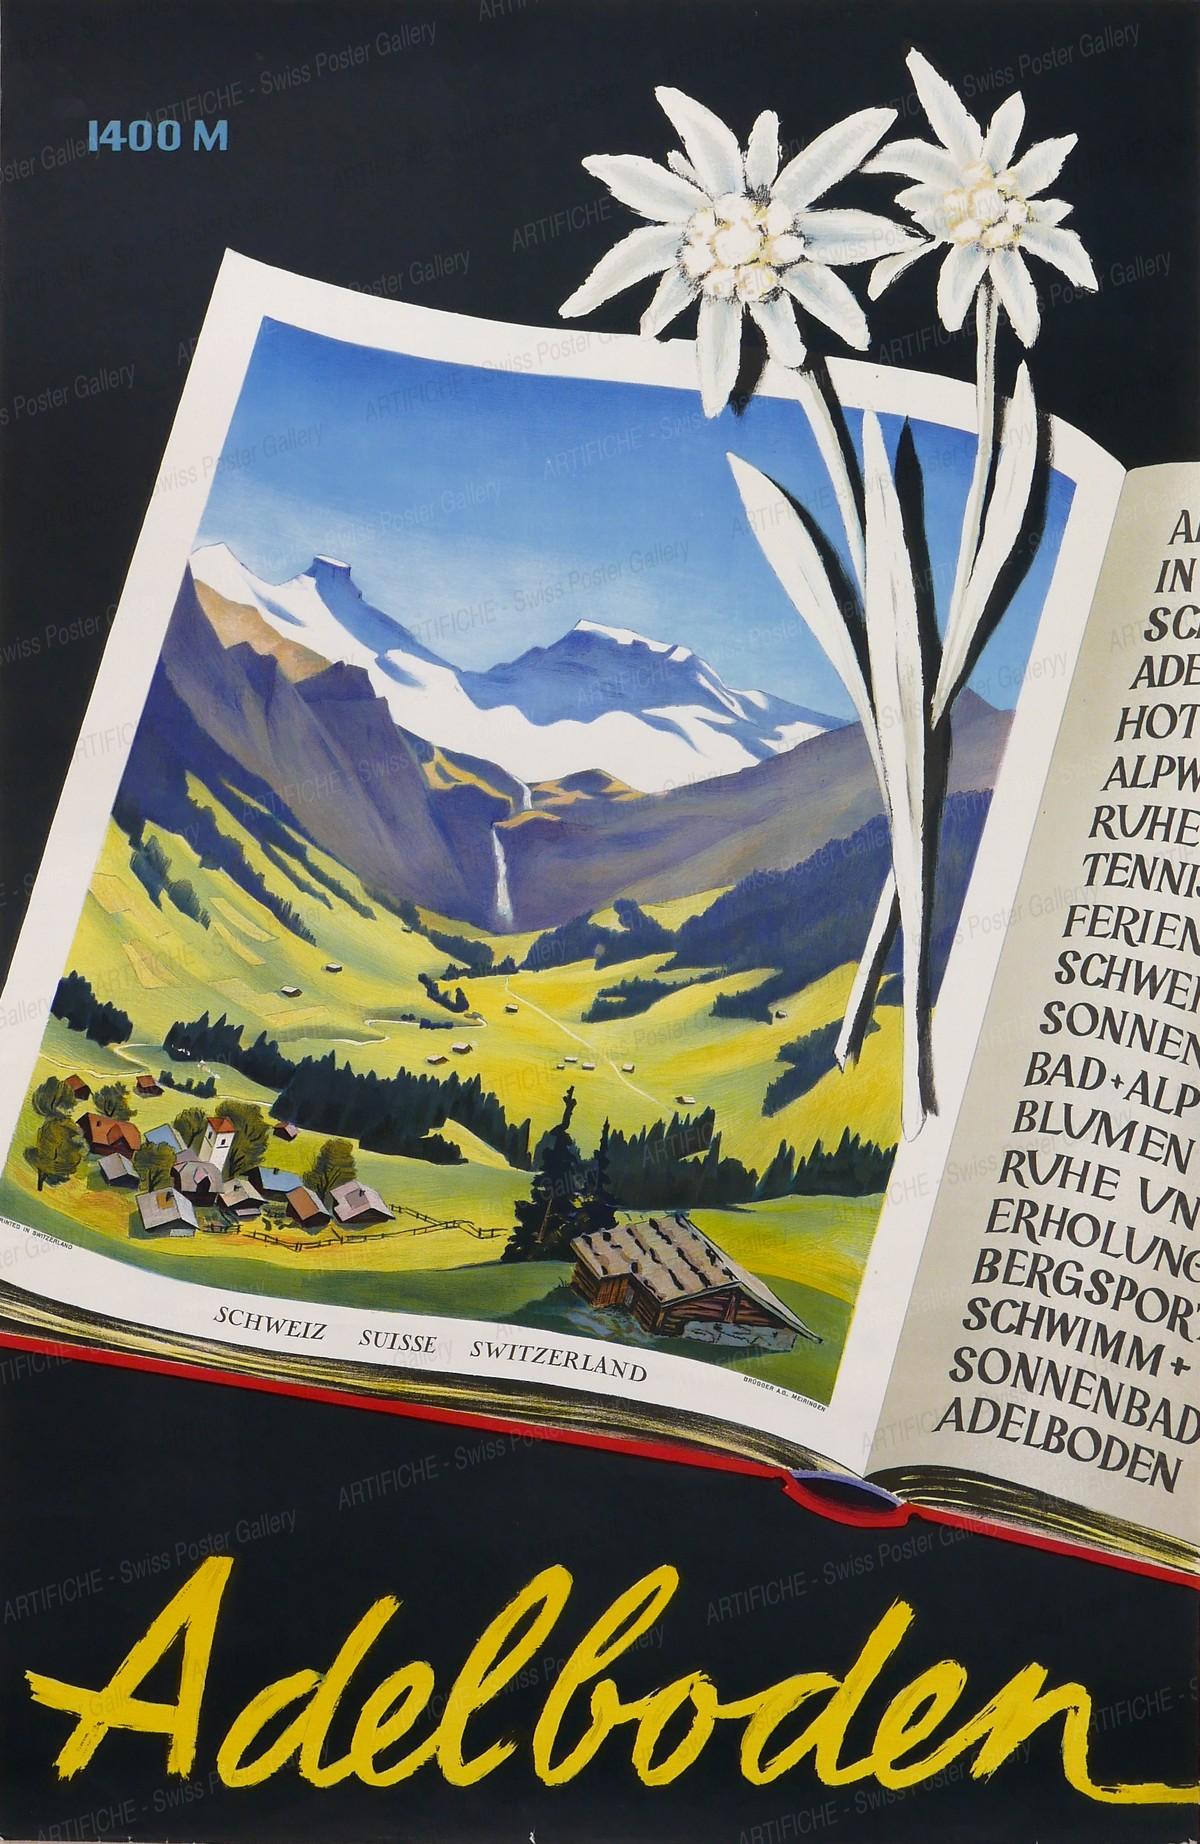 Adelboden 1400 m., Artist unknown